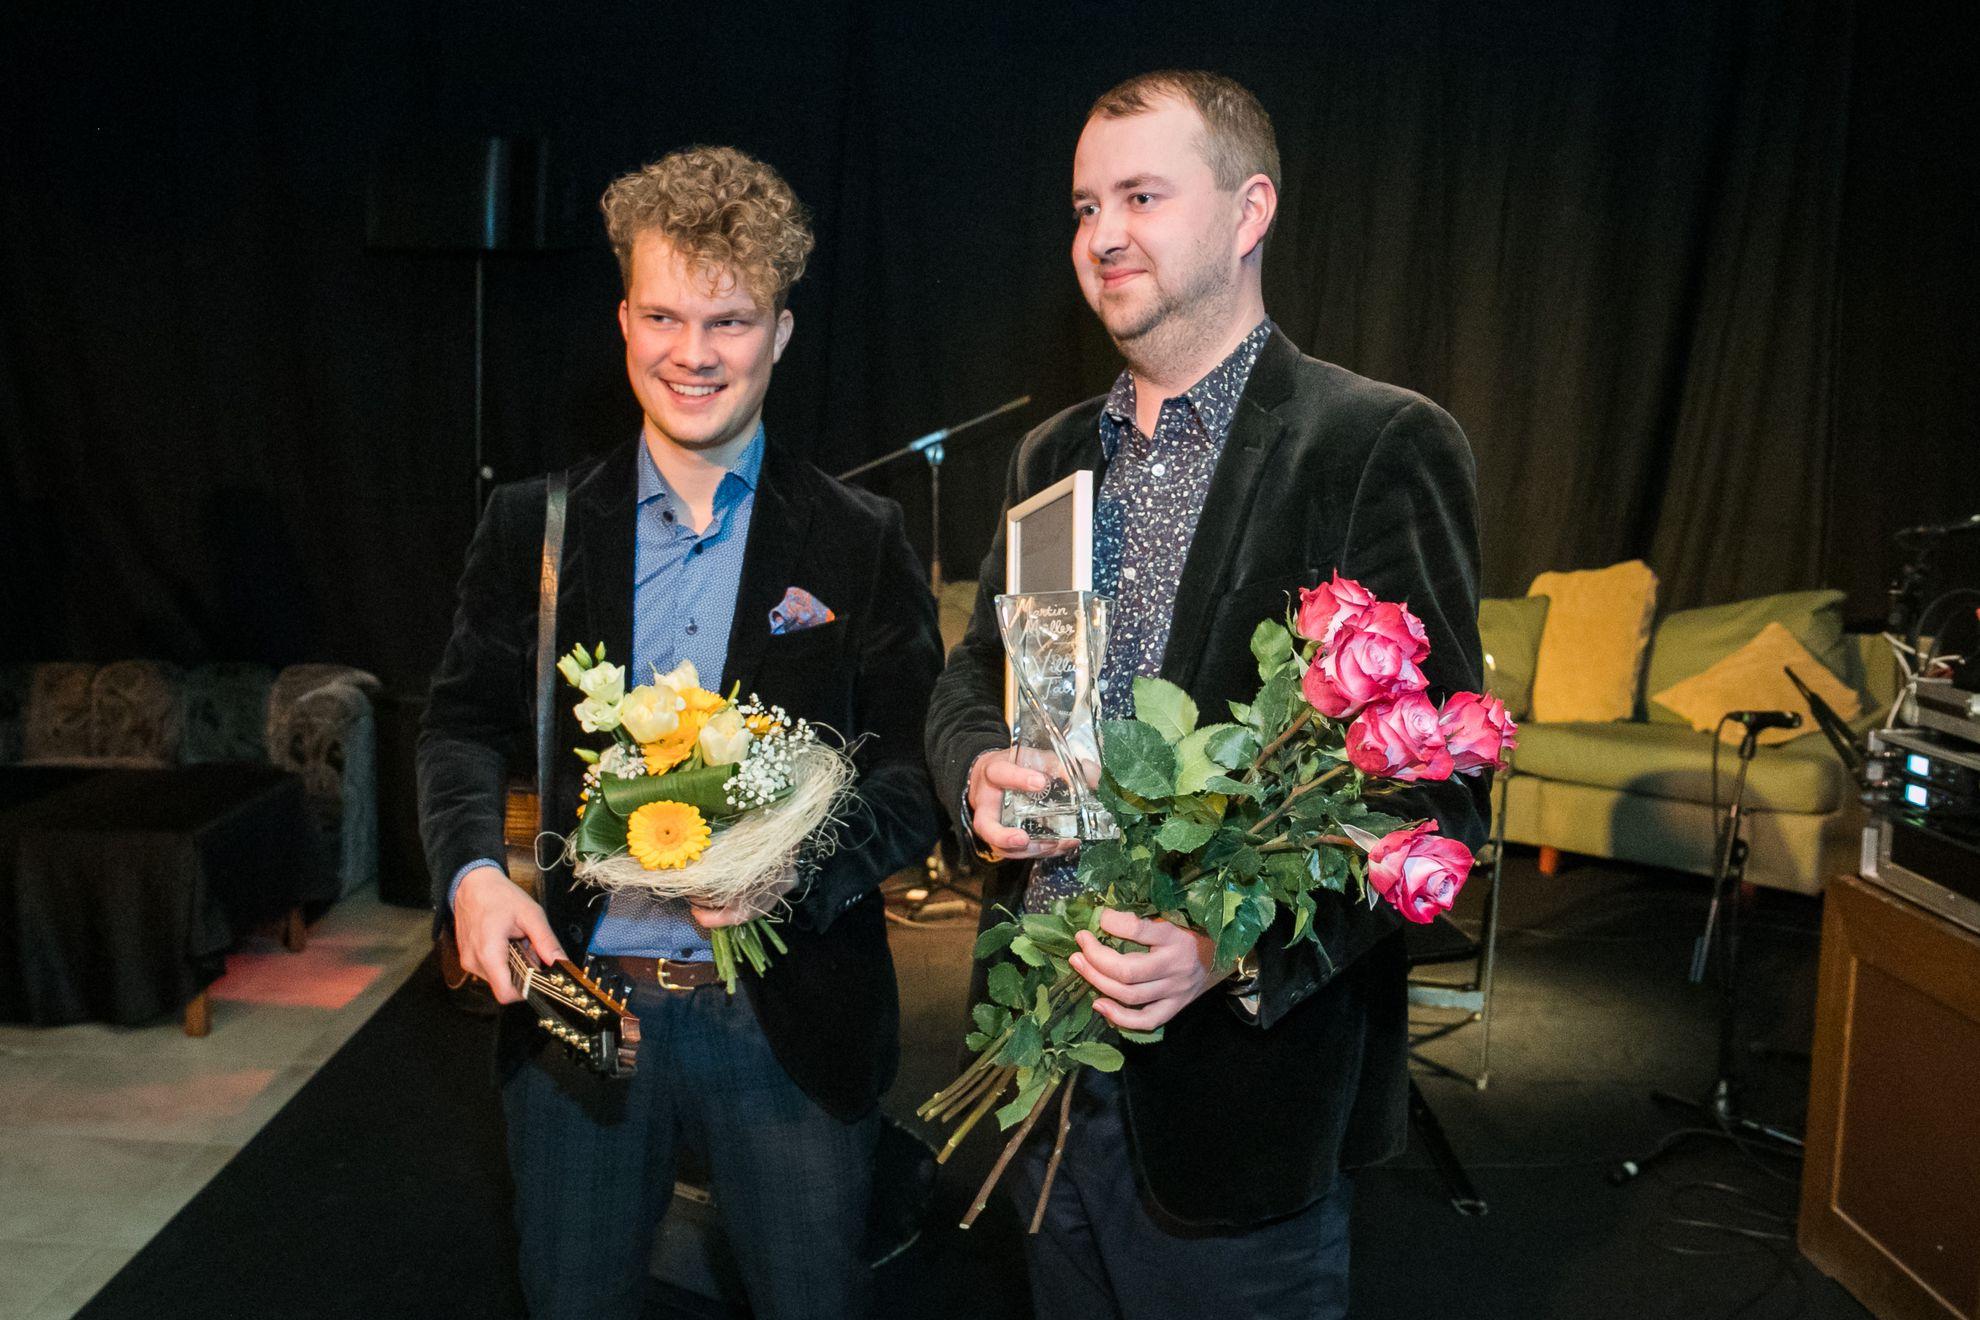 Reval Folk ajab juttu muusik Mülleriga. Martin Mülleriga